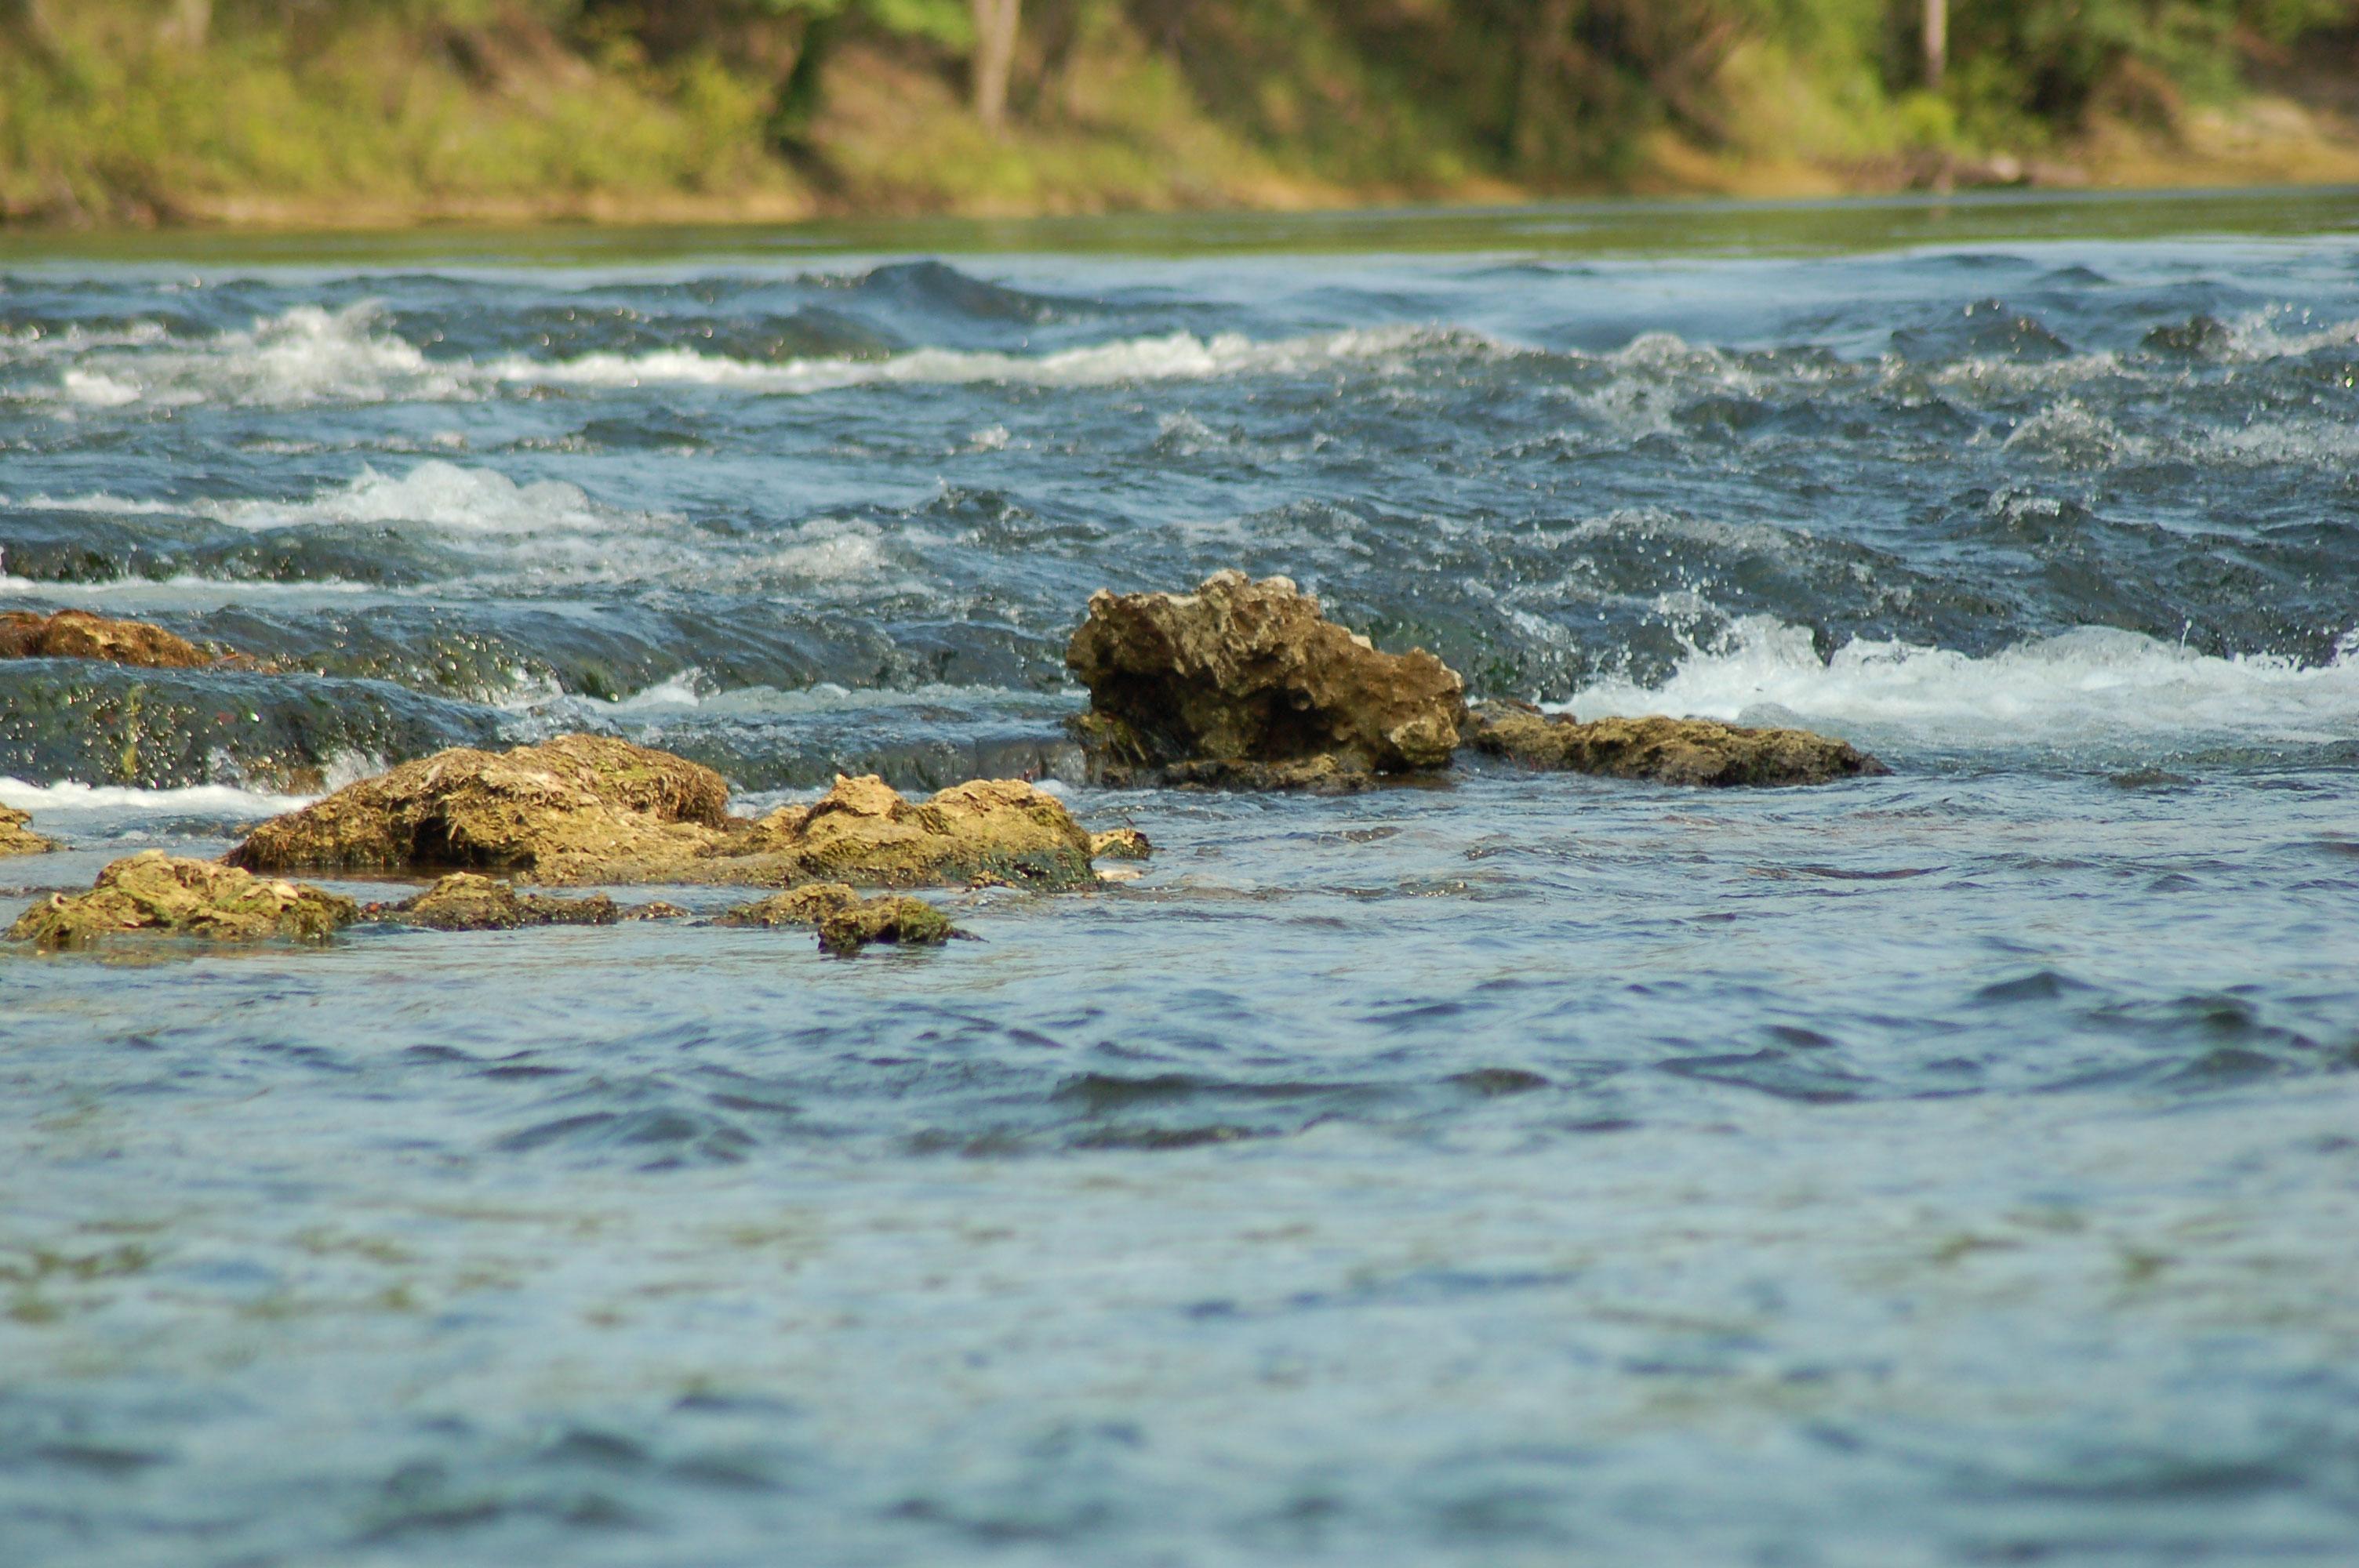 rapids-look-and-tremble-chipola-river-stock-photos-florida-panhandle-linda-bateman